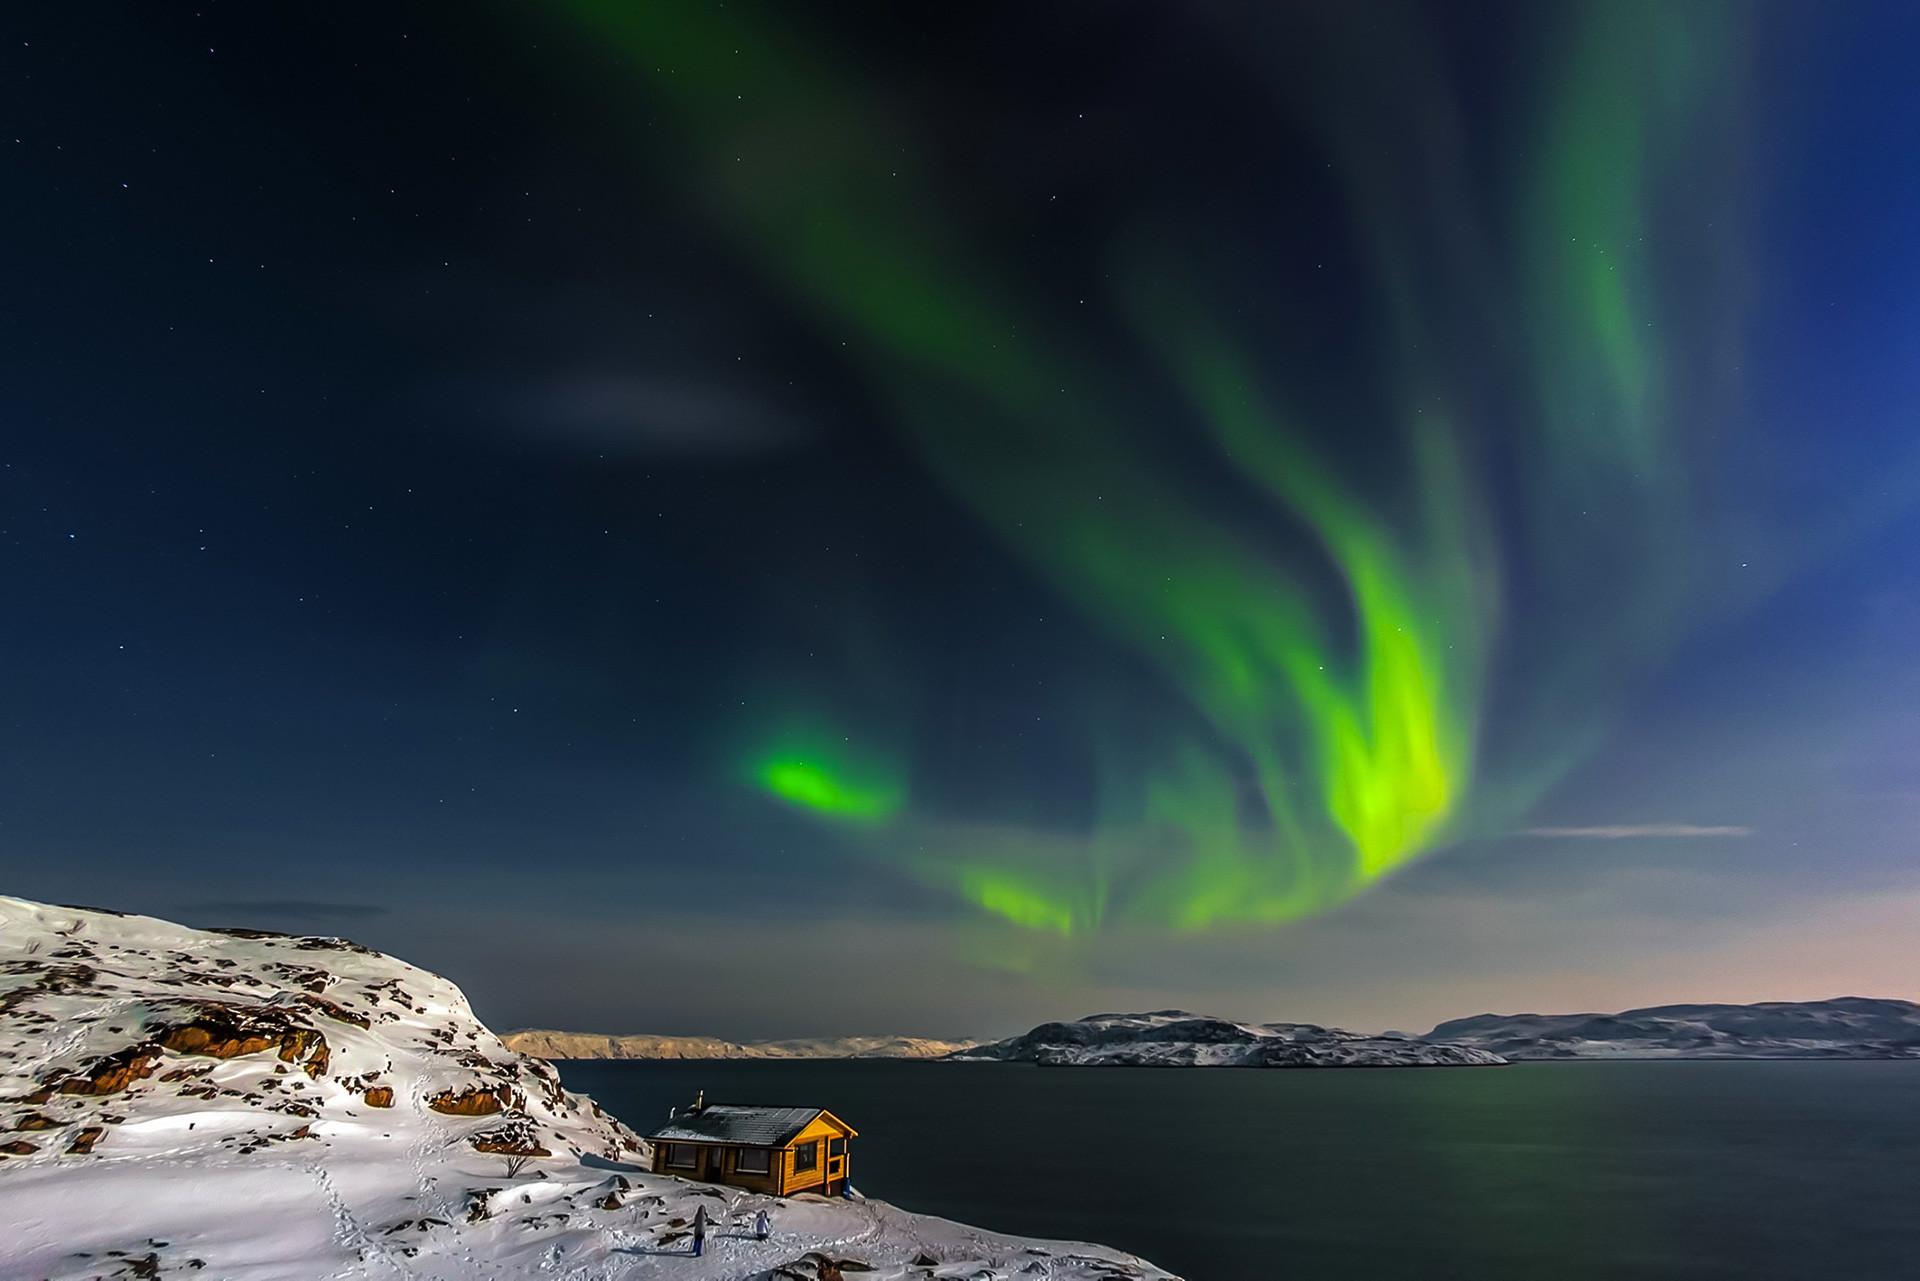 Sebuah rumah sederhana di pesisir Laut Barents dengan Aurora di langit. Semenanjung Kola, Murmanskaya oblast.